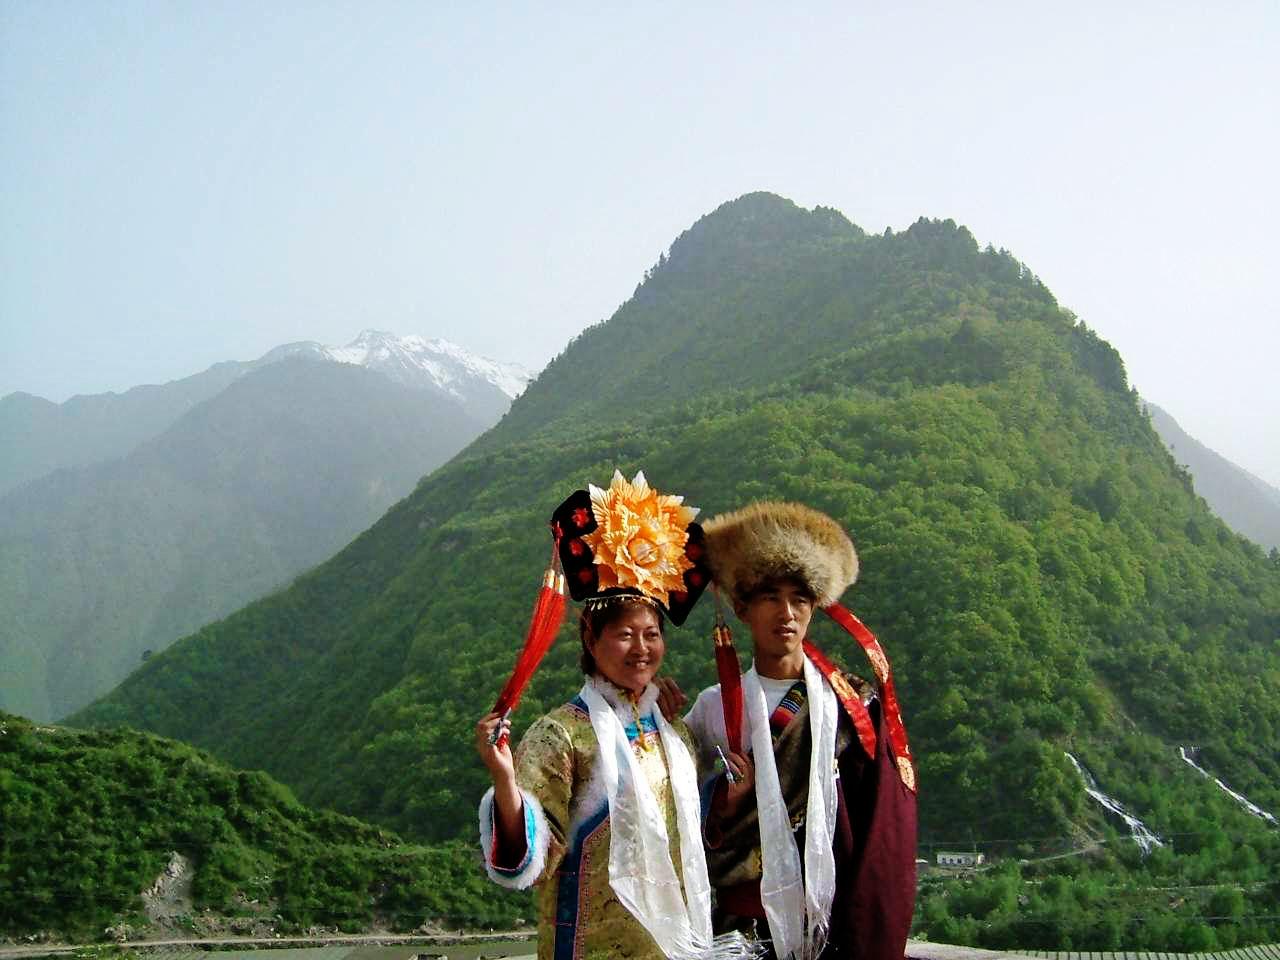 婚礼 阿坝/藏族和满族的婚礼──>哈达驿站添加